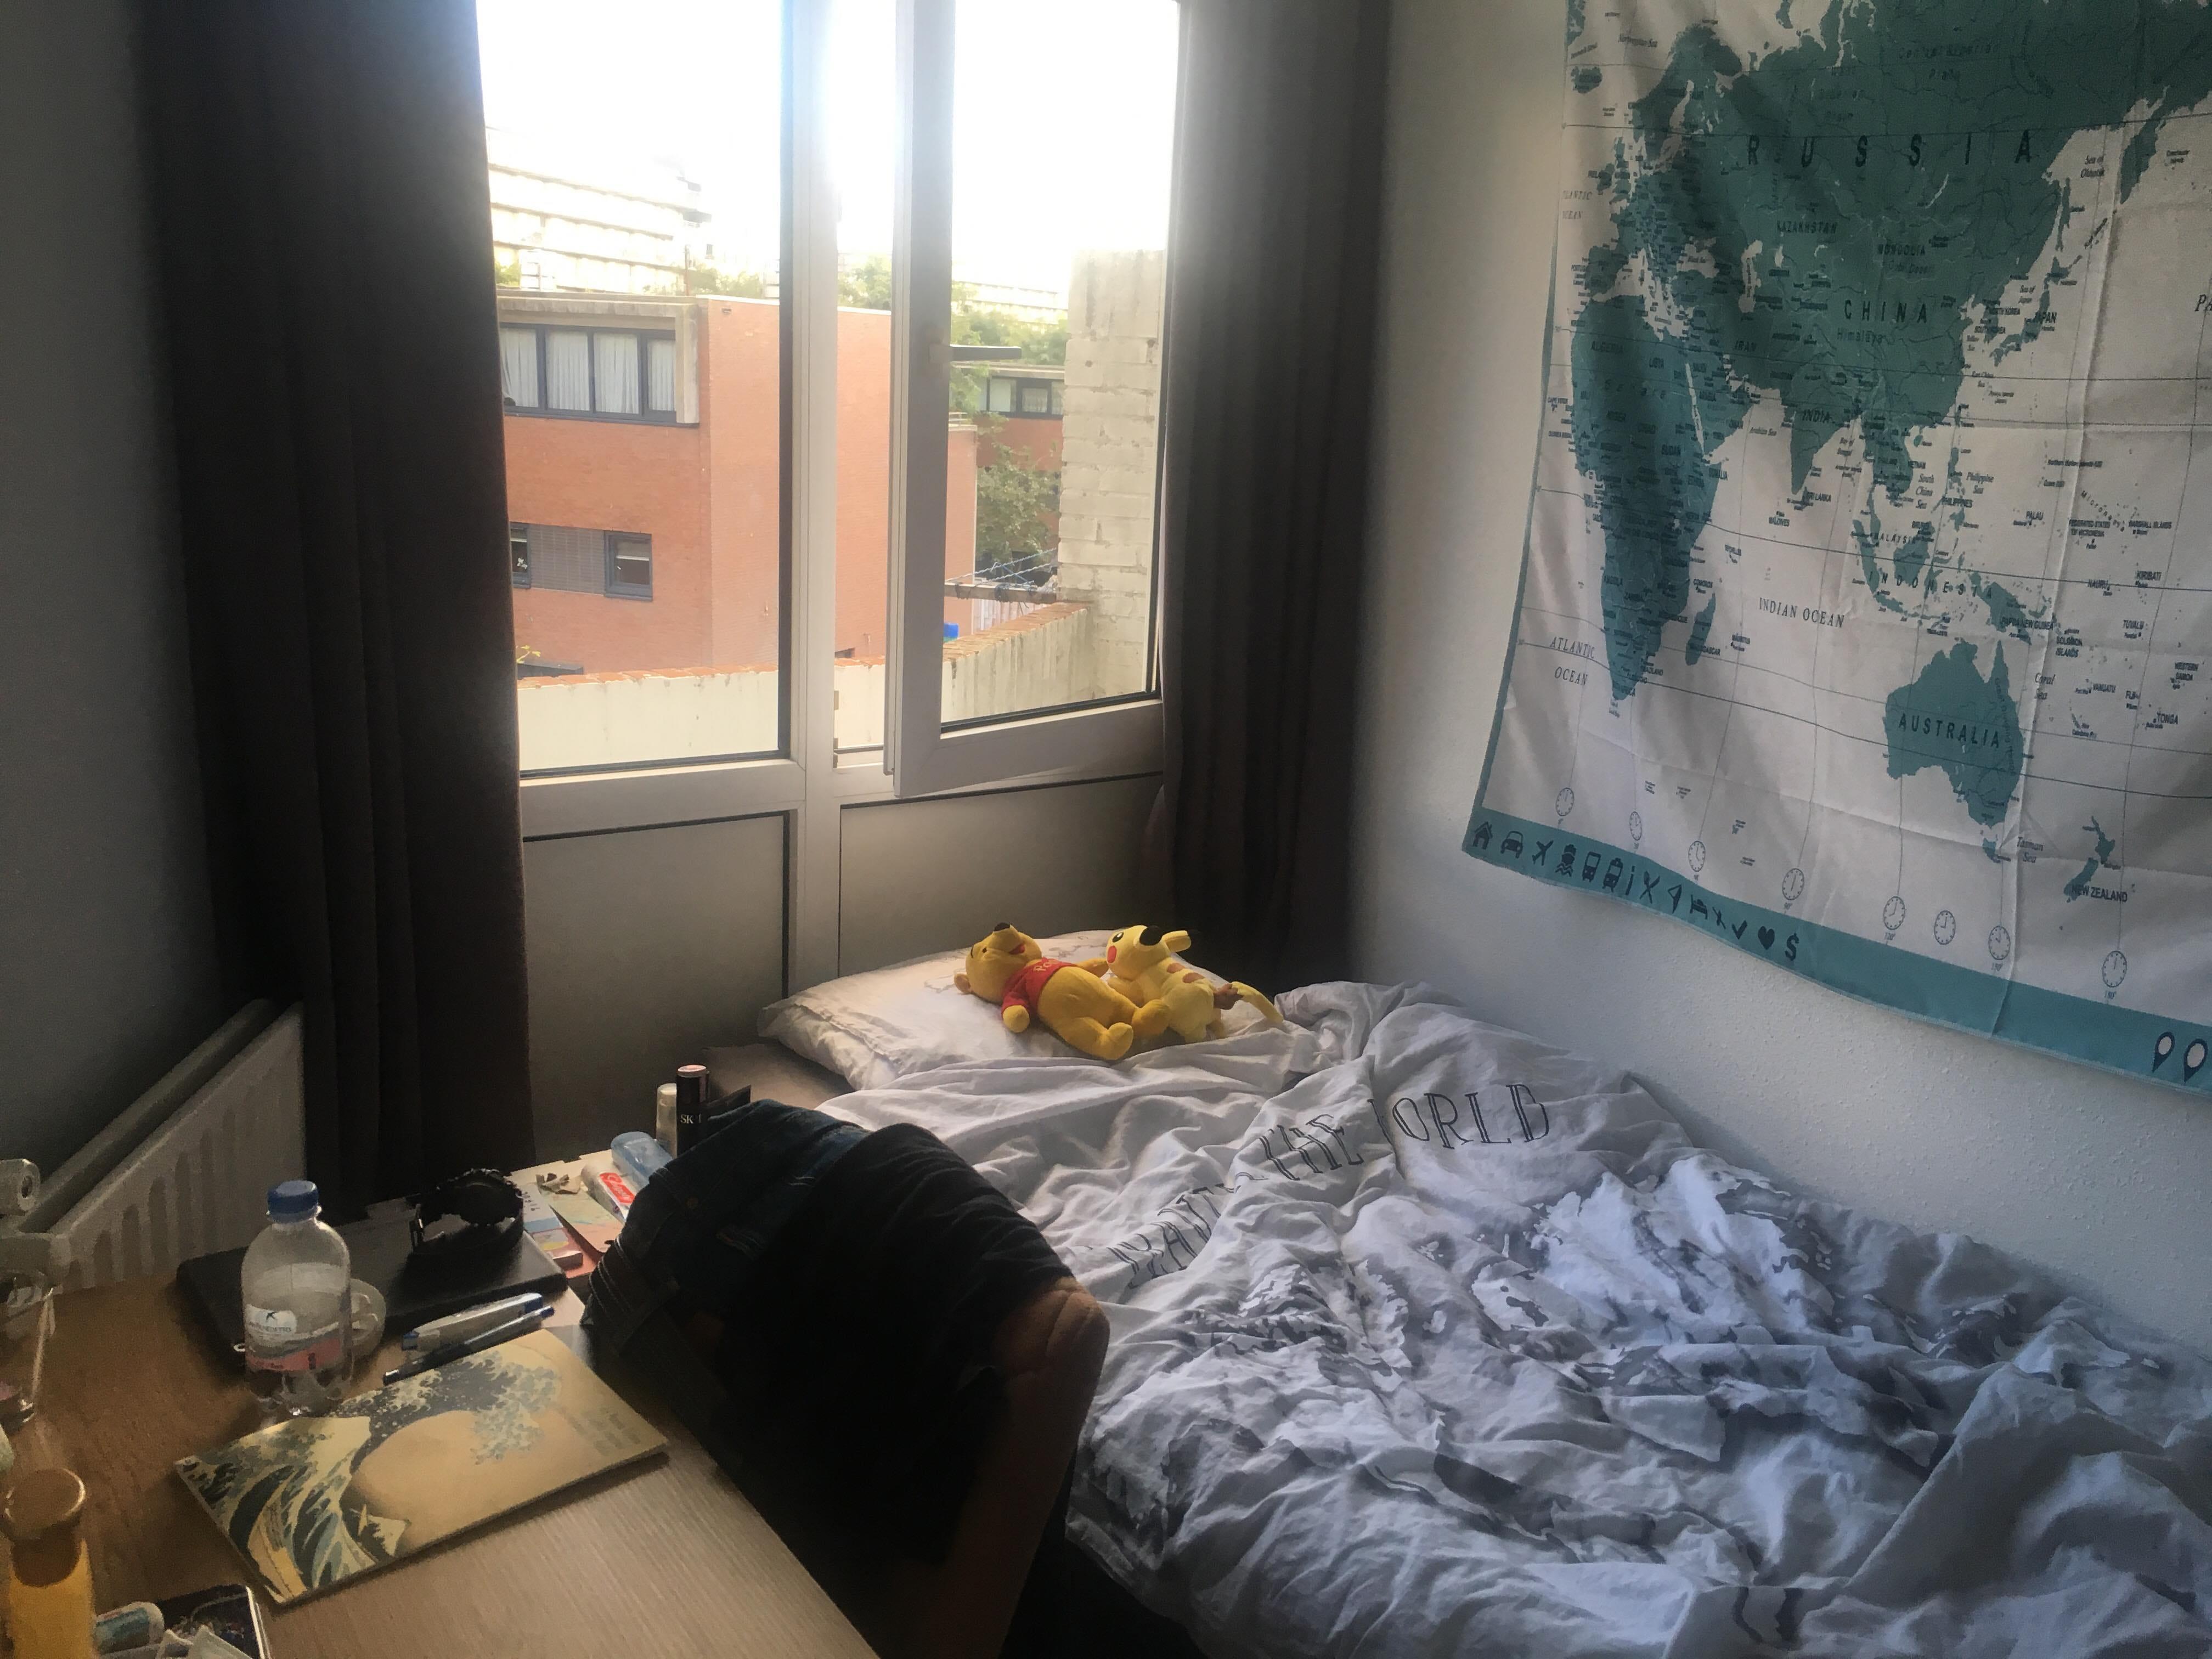 對,我來荷蘭了. 【近況報告】順利在荷蘭活過第一天,因為時差,對我來說 8/28 有 30… | by Hong-Cheng Hsiao | Aug ...